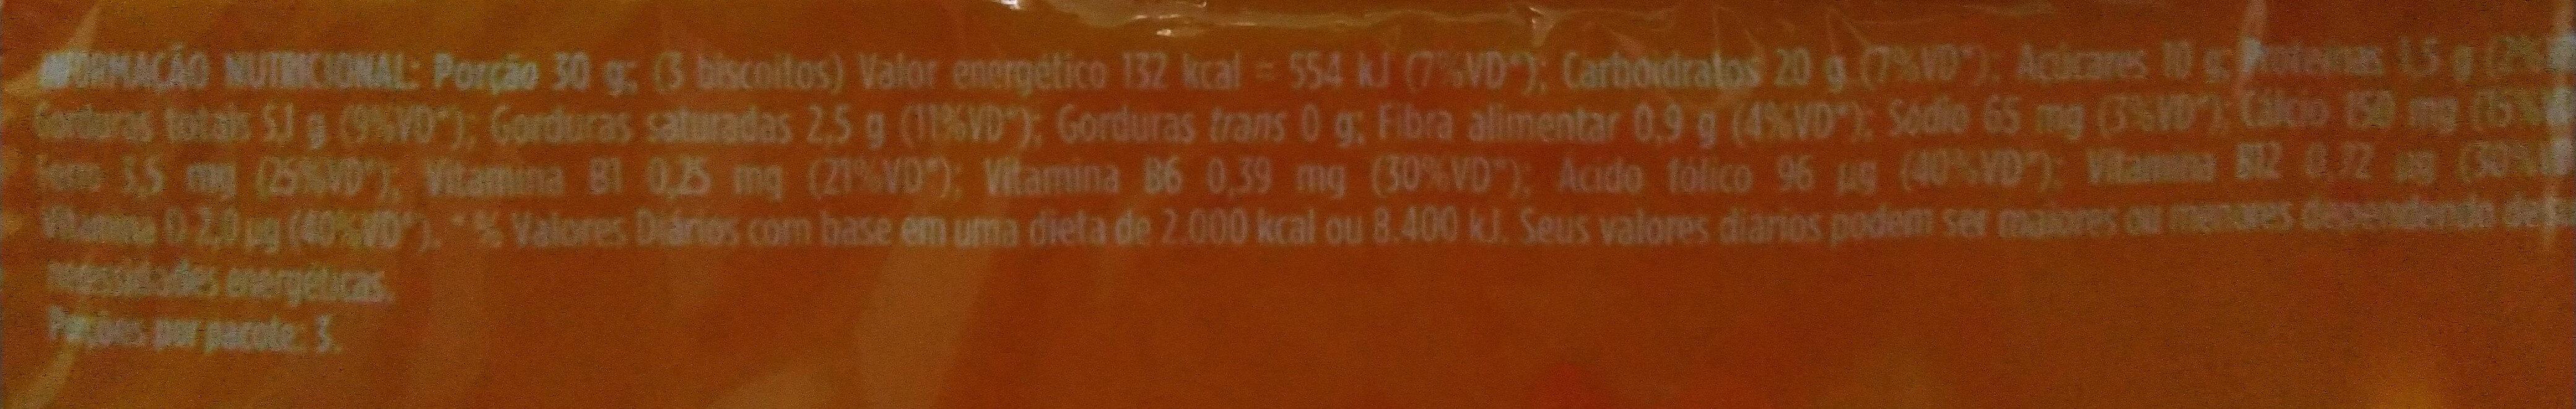 Biscoito com recheio sabor chocolate - Informação nutricional - pt